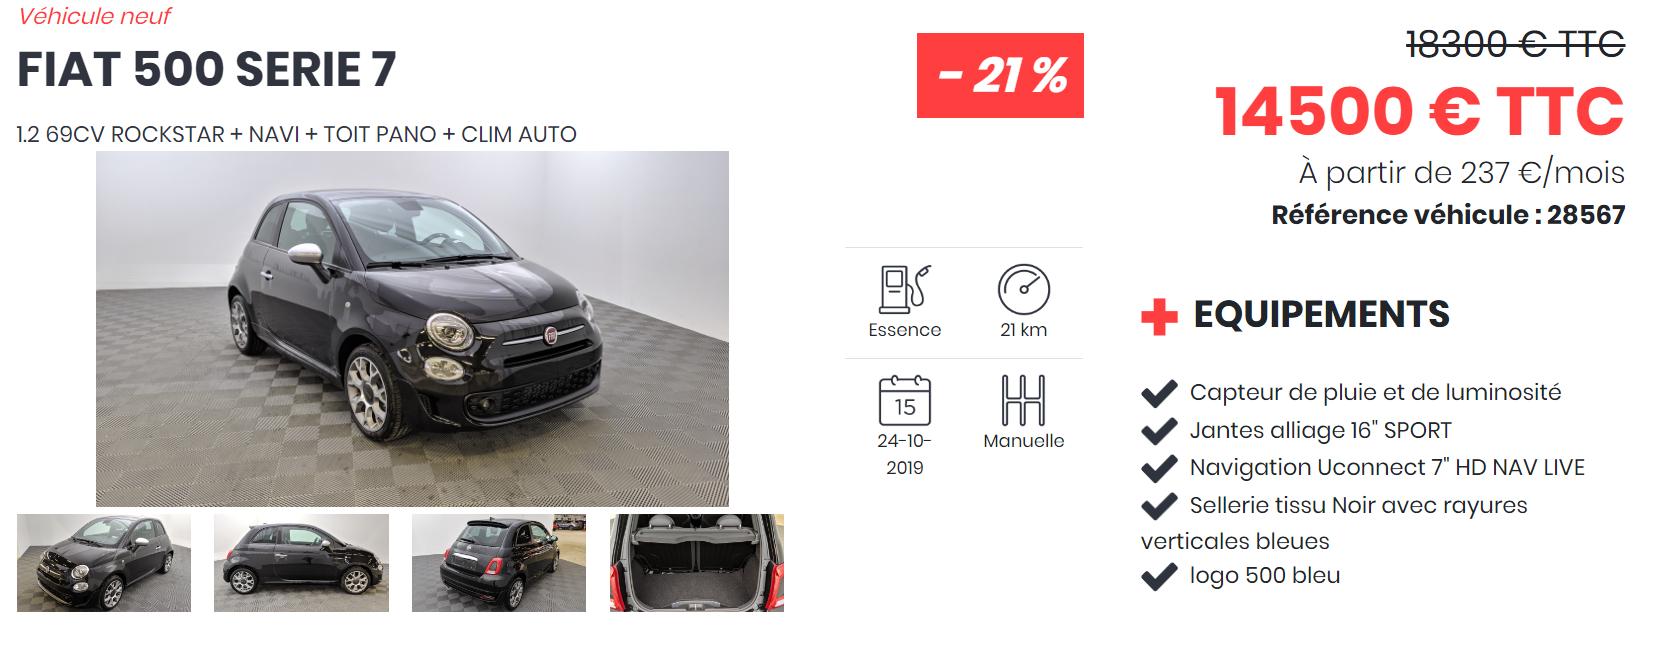 FIAT 500 SERIE7